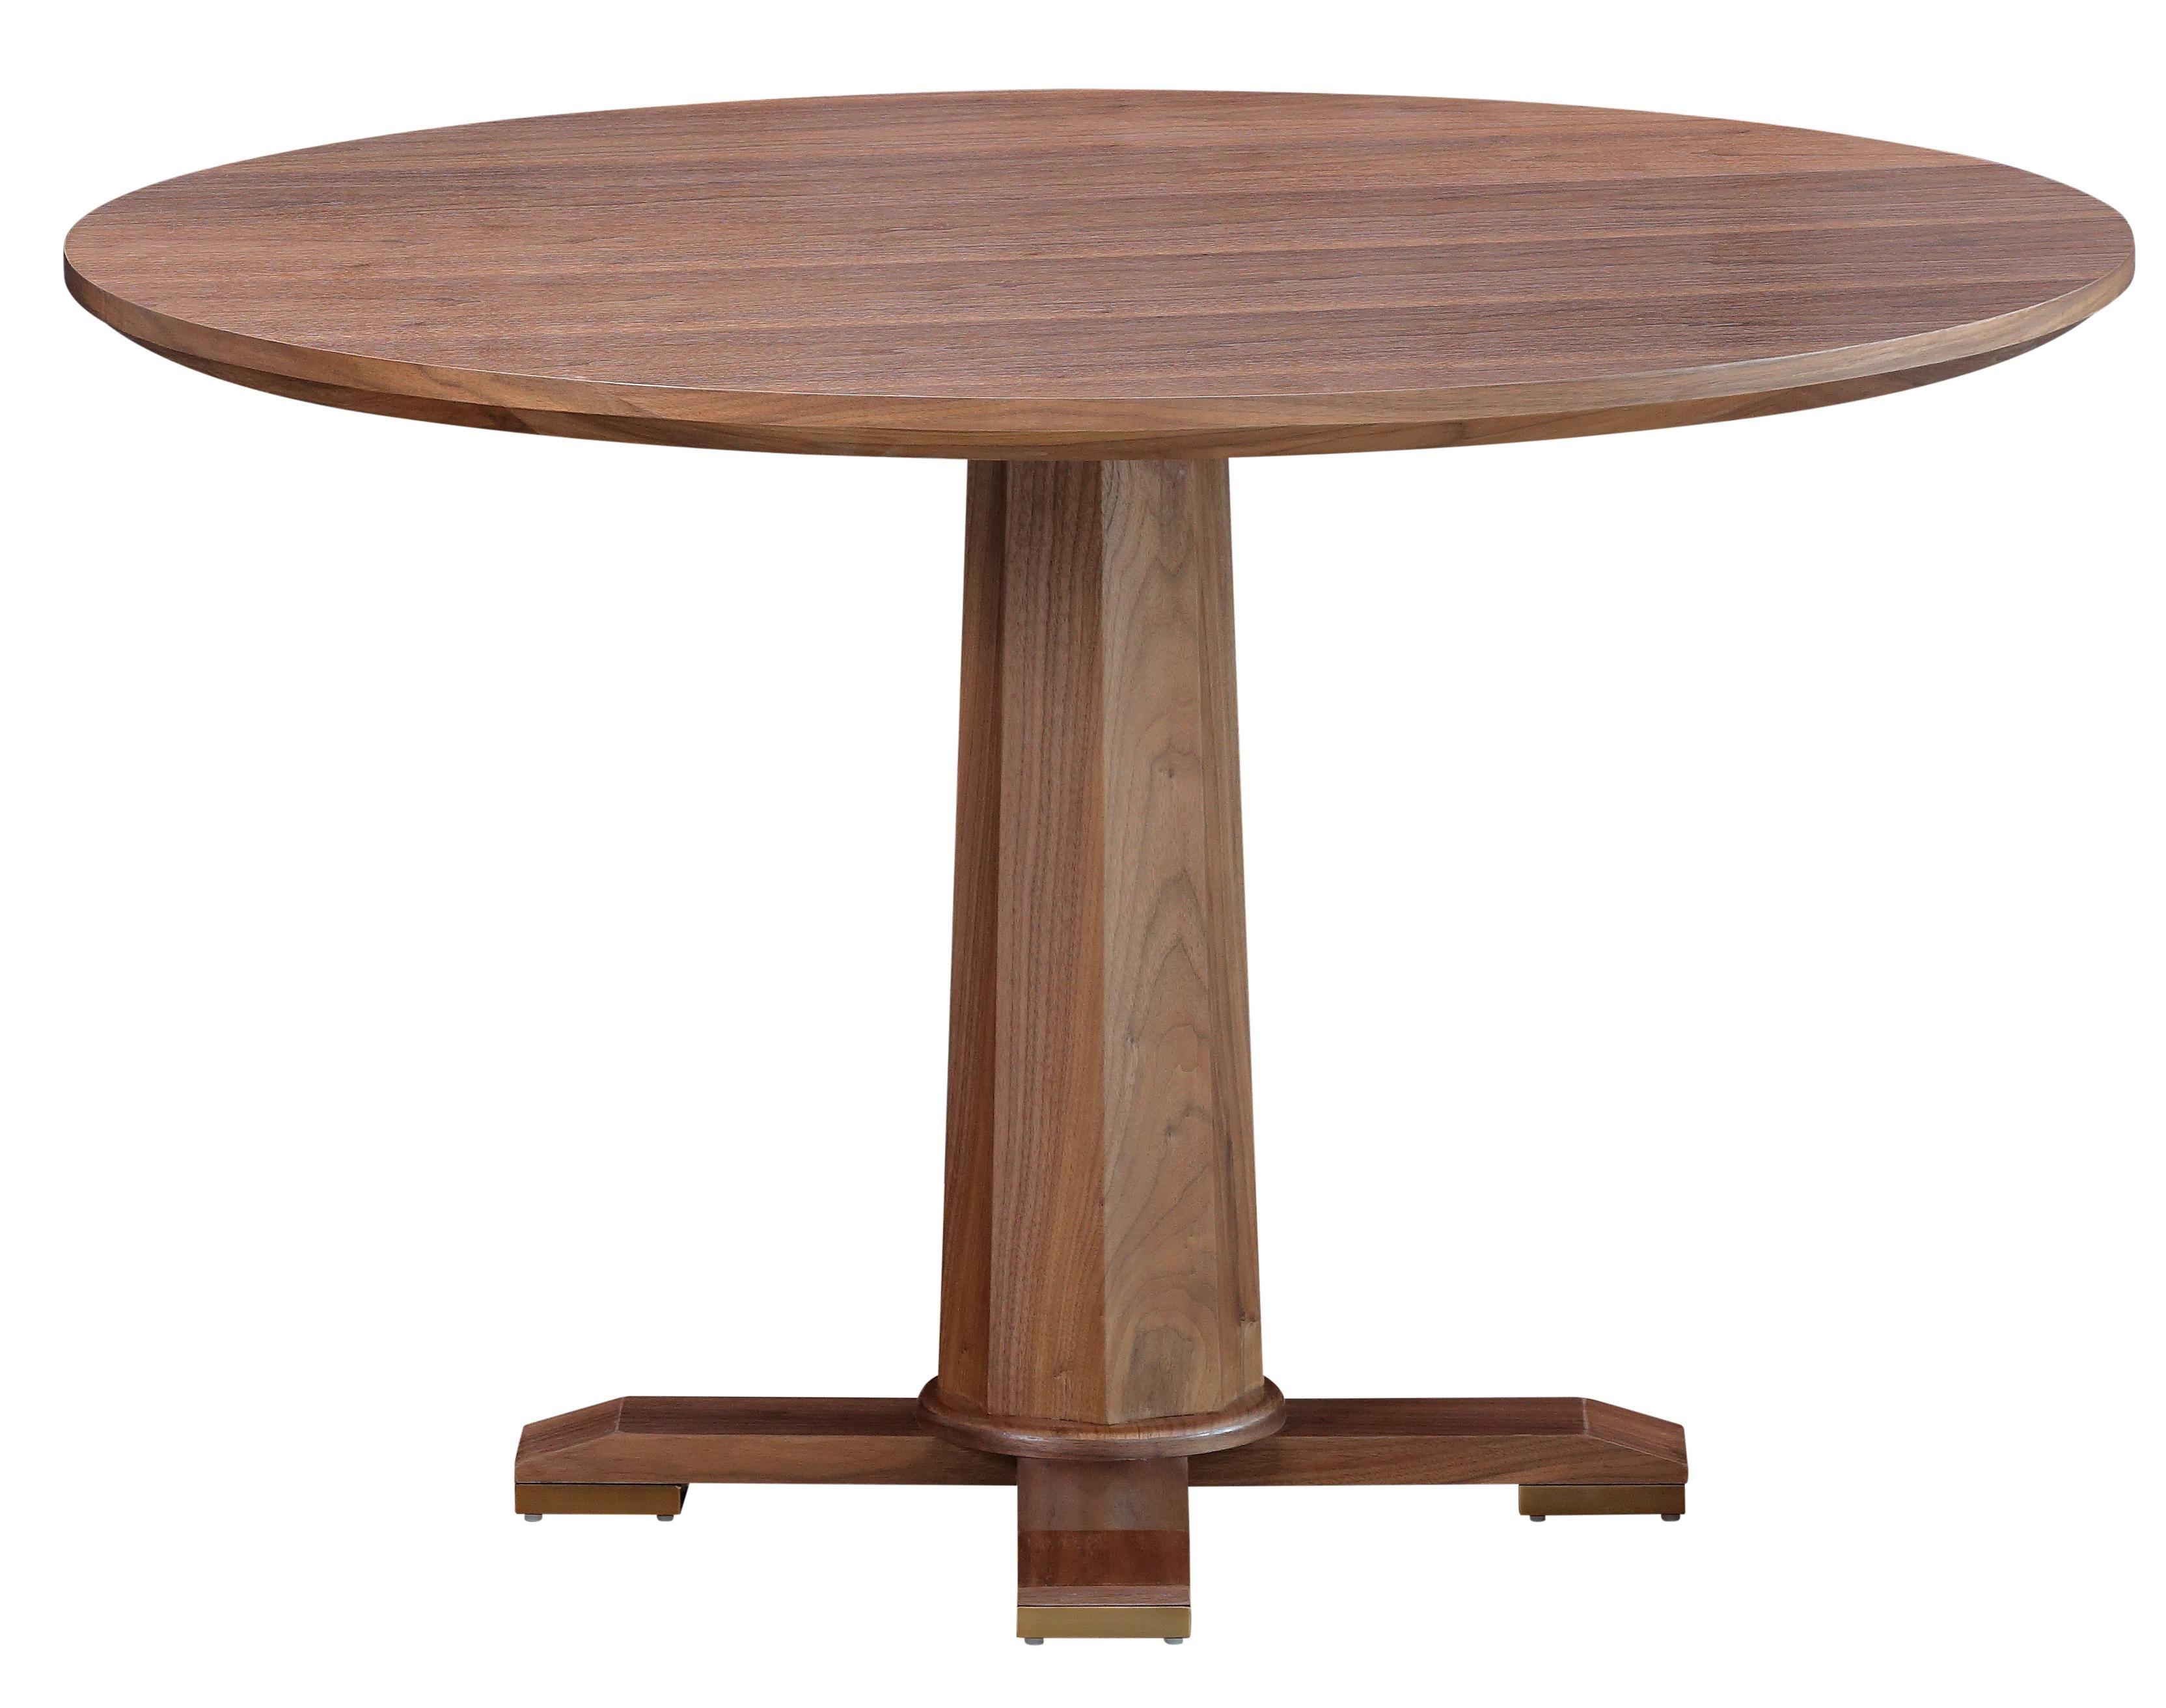 27f86f21d62d Harrison 48 Rd Dining Table Light Walnut Dining Table Lighting, Light Table,  Lightbox